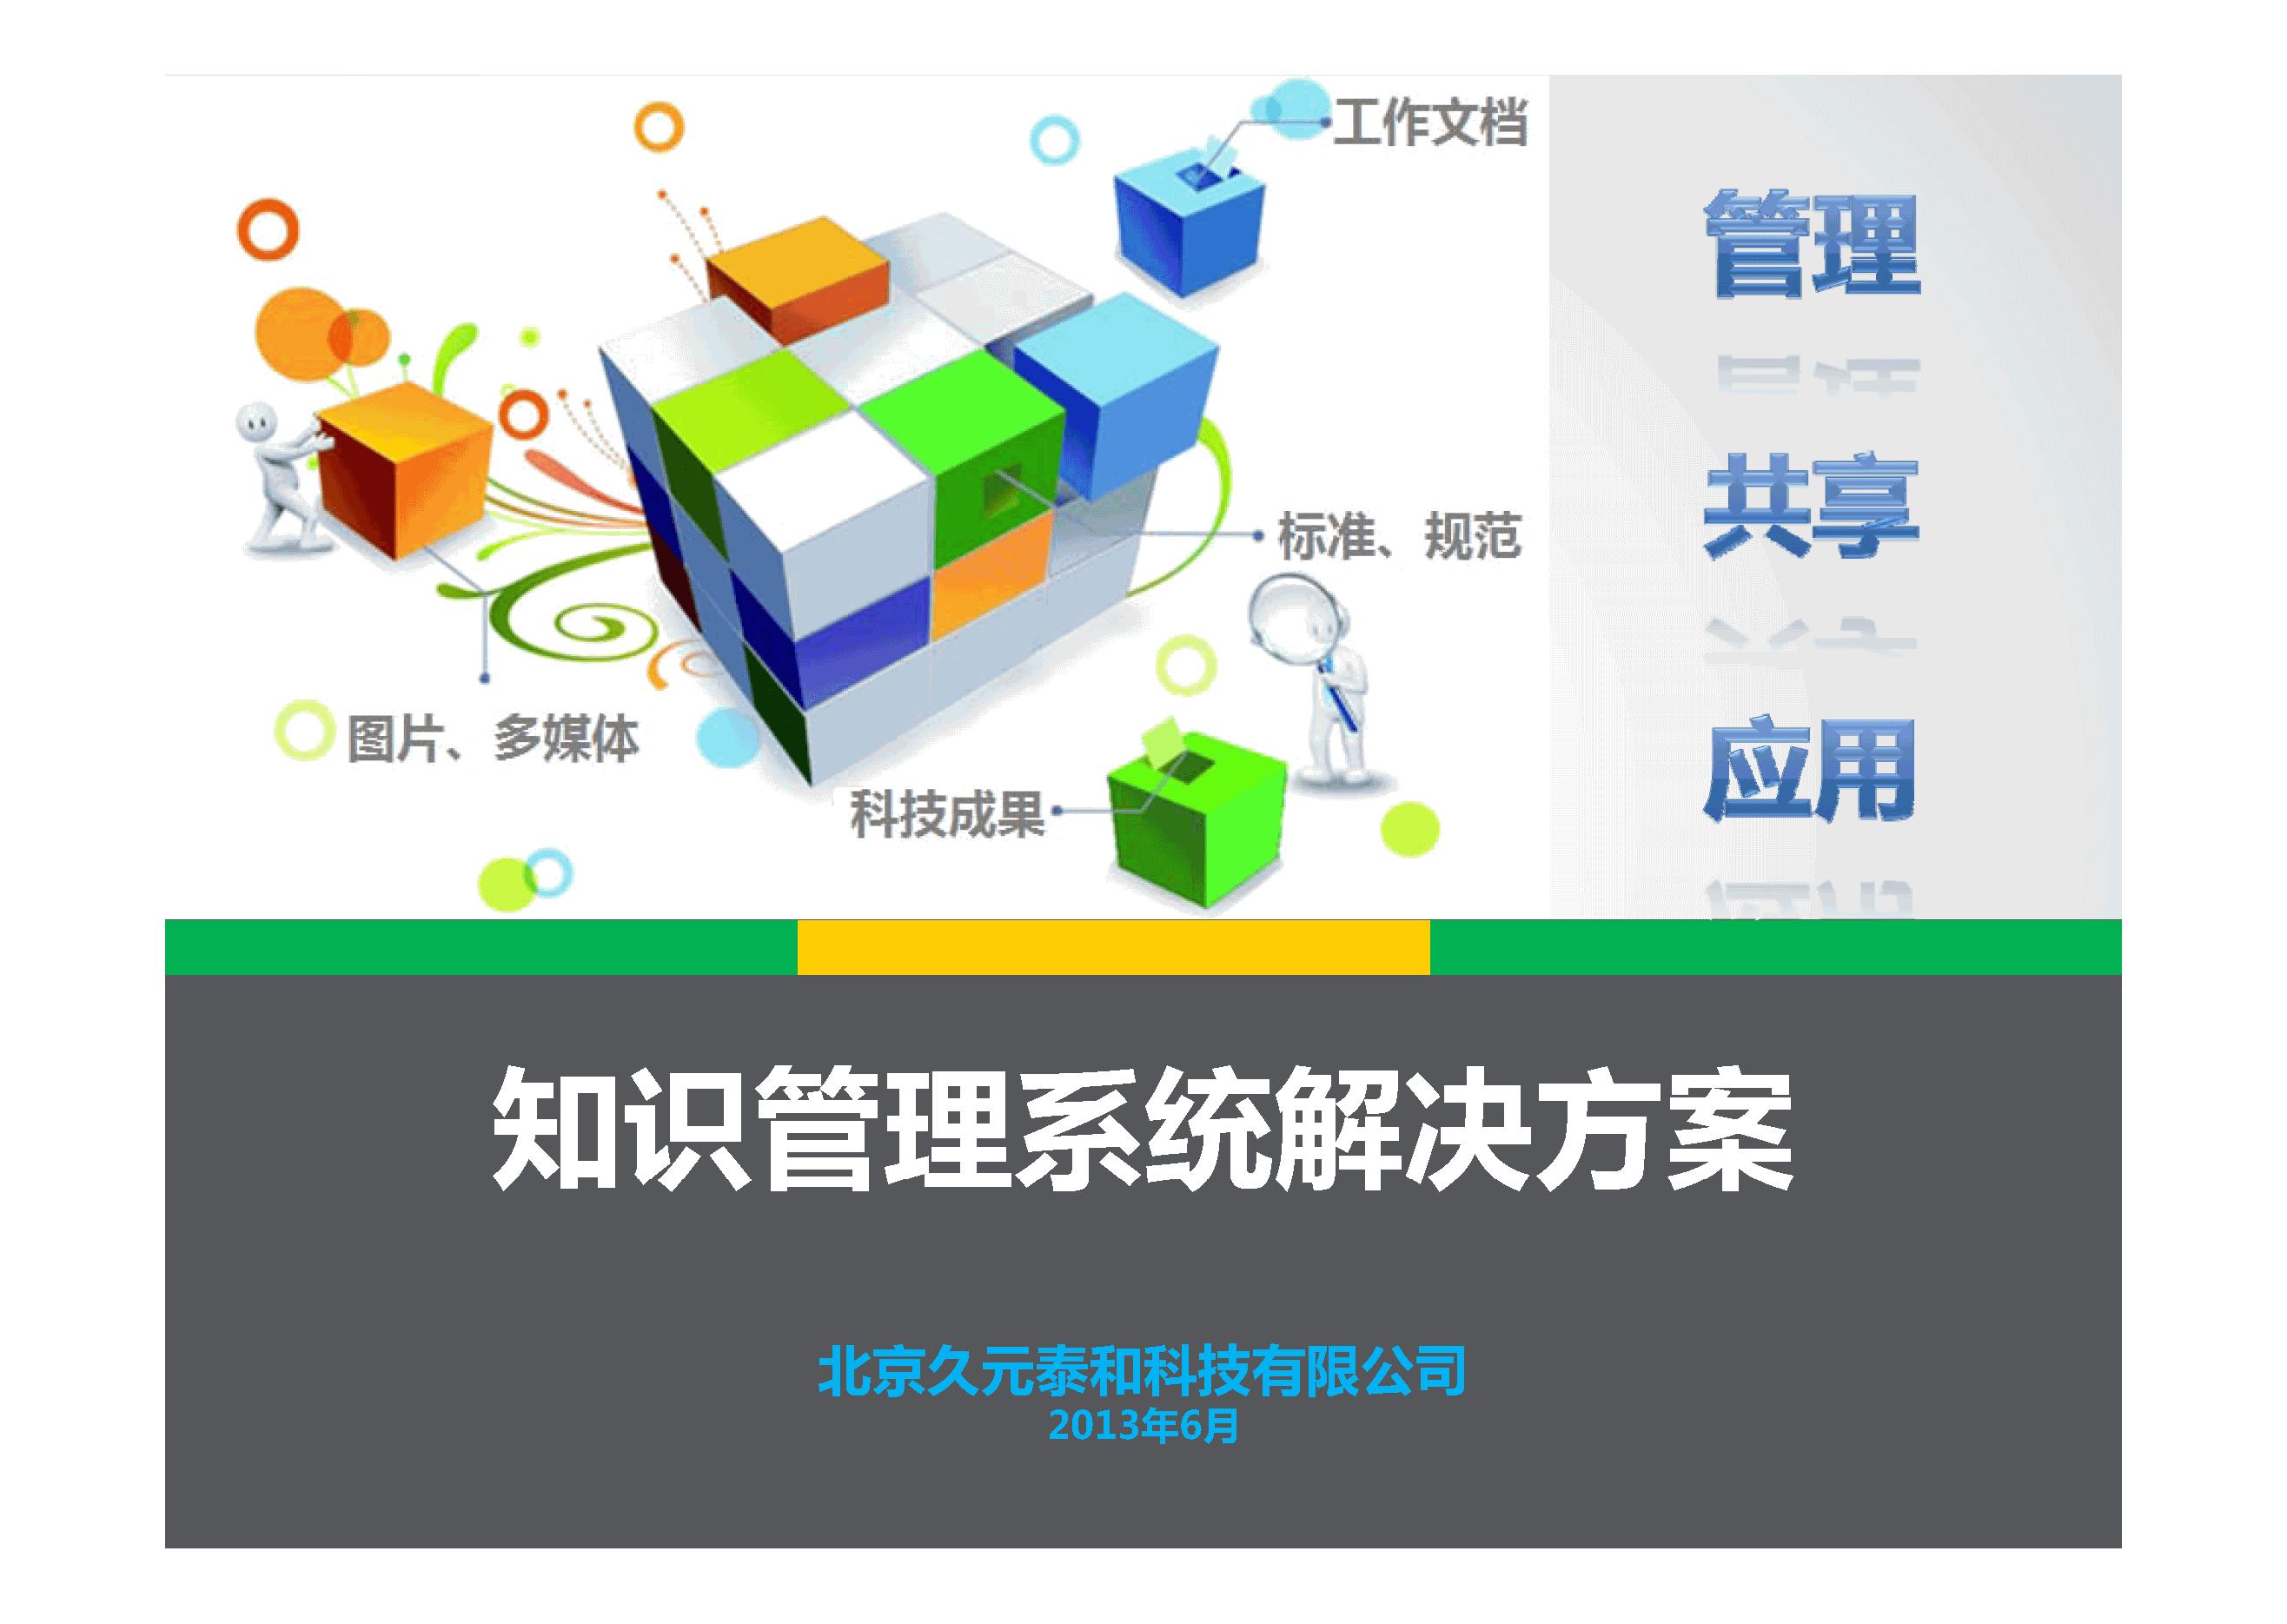 久元-知识管理系统解决方案